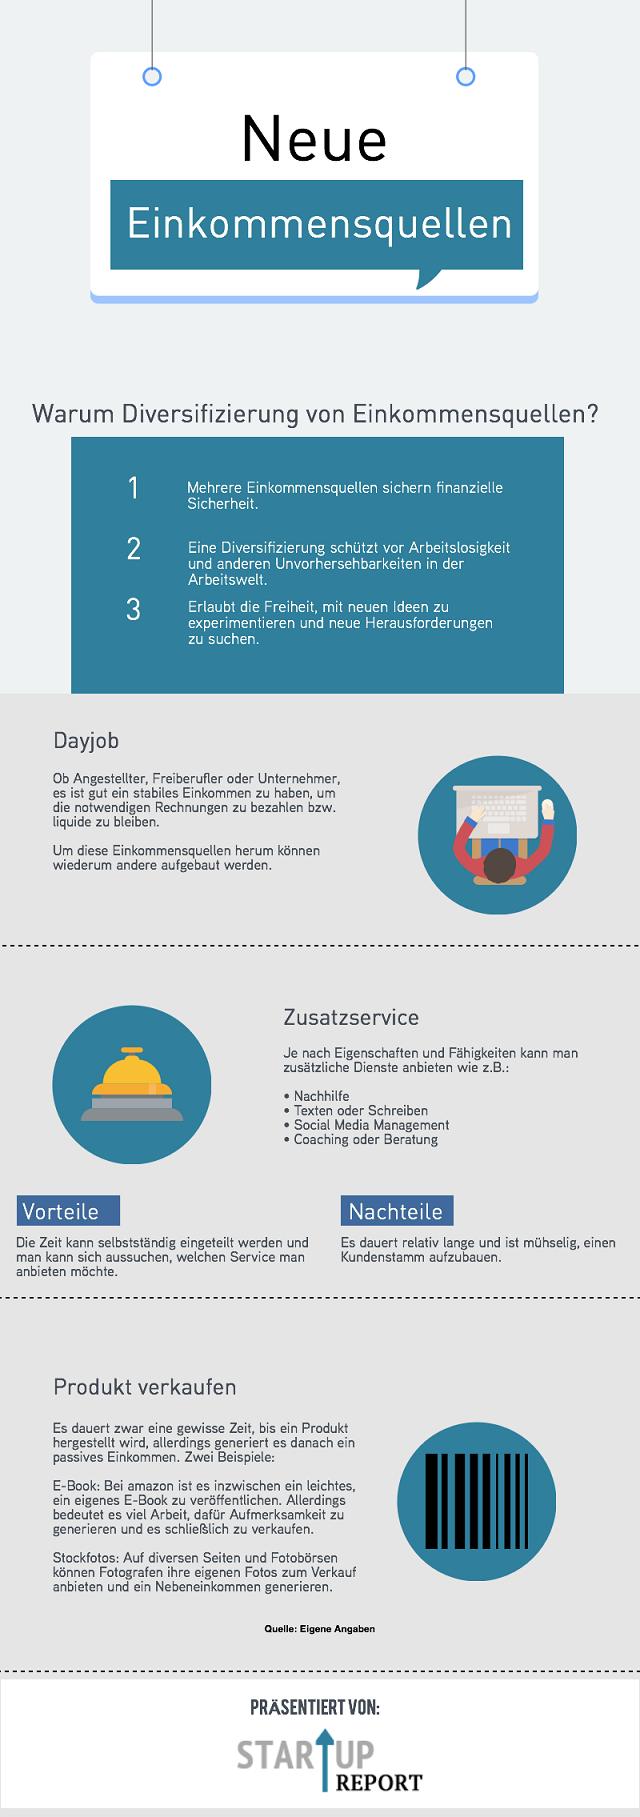 Infografik: Ob Freiberufler, Unternehmer oder Angestellter, es gibt zahlreiche Optionen, zusätzliches aktives oder passives Einkommen zu generieren. Infografikquelle: eigene Darstellung